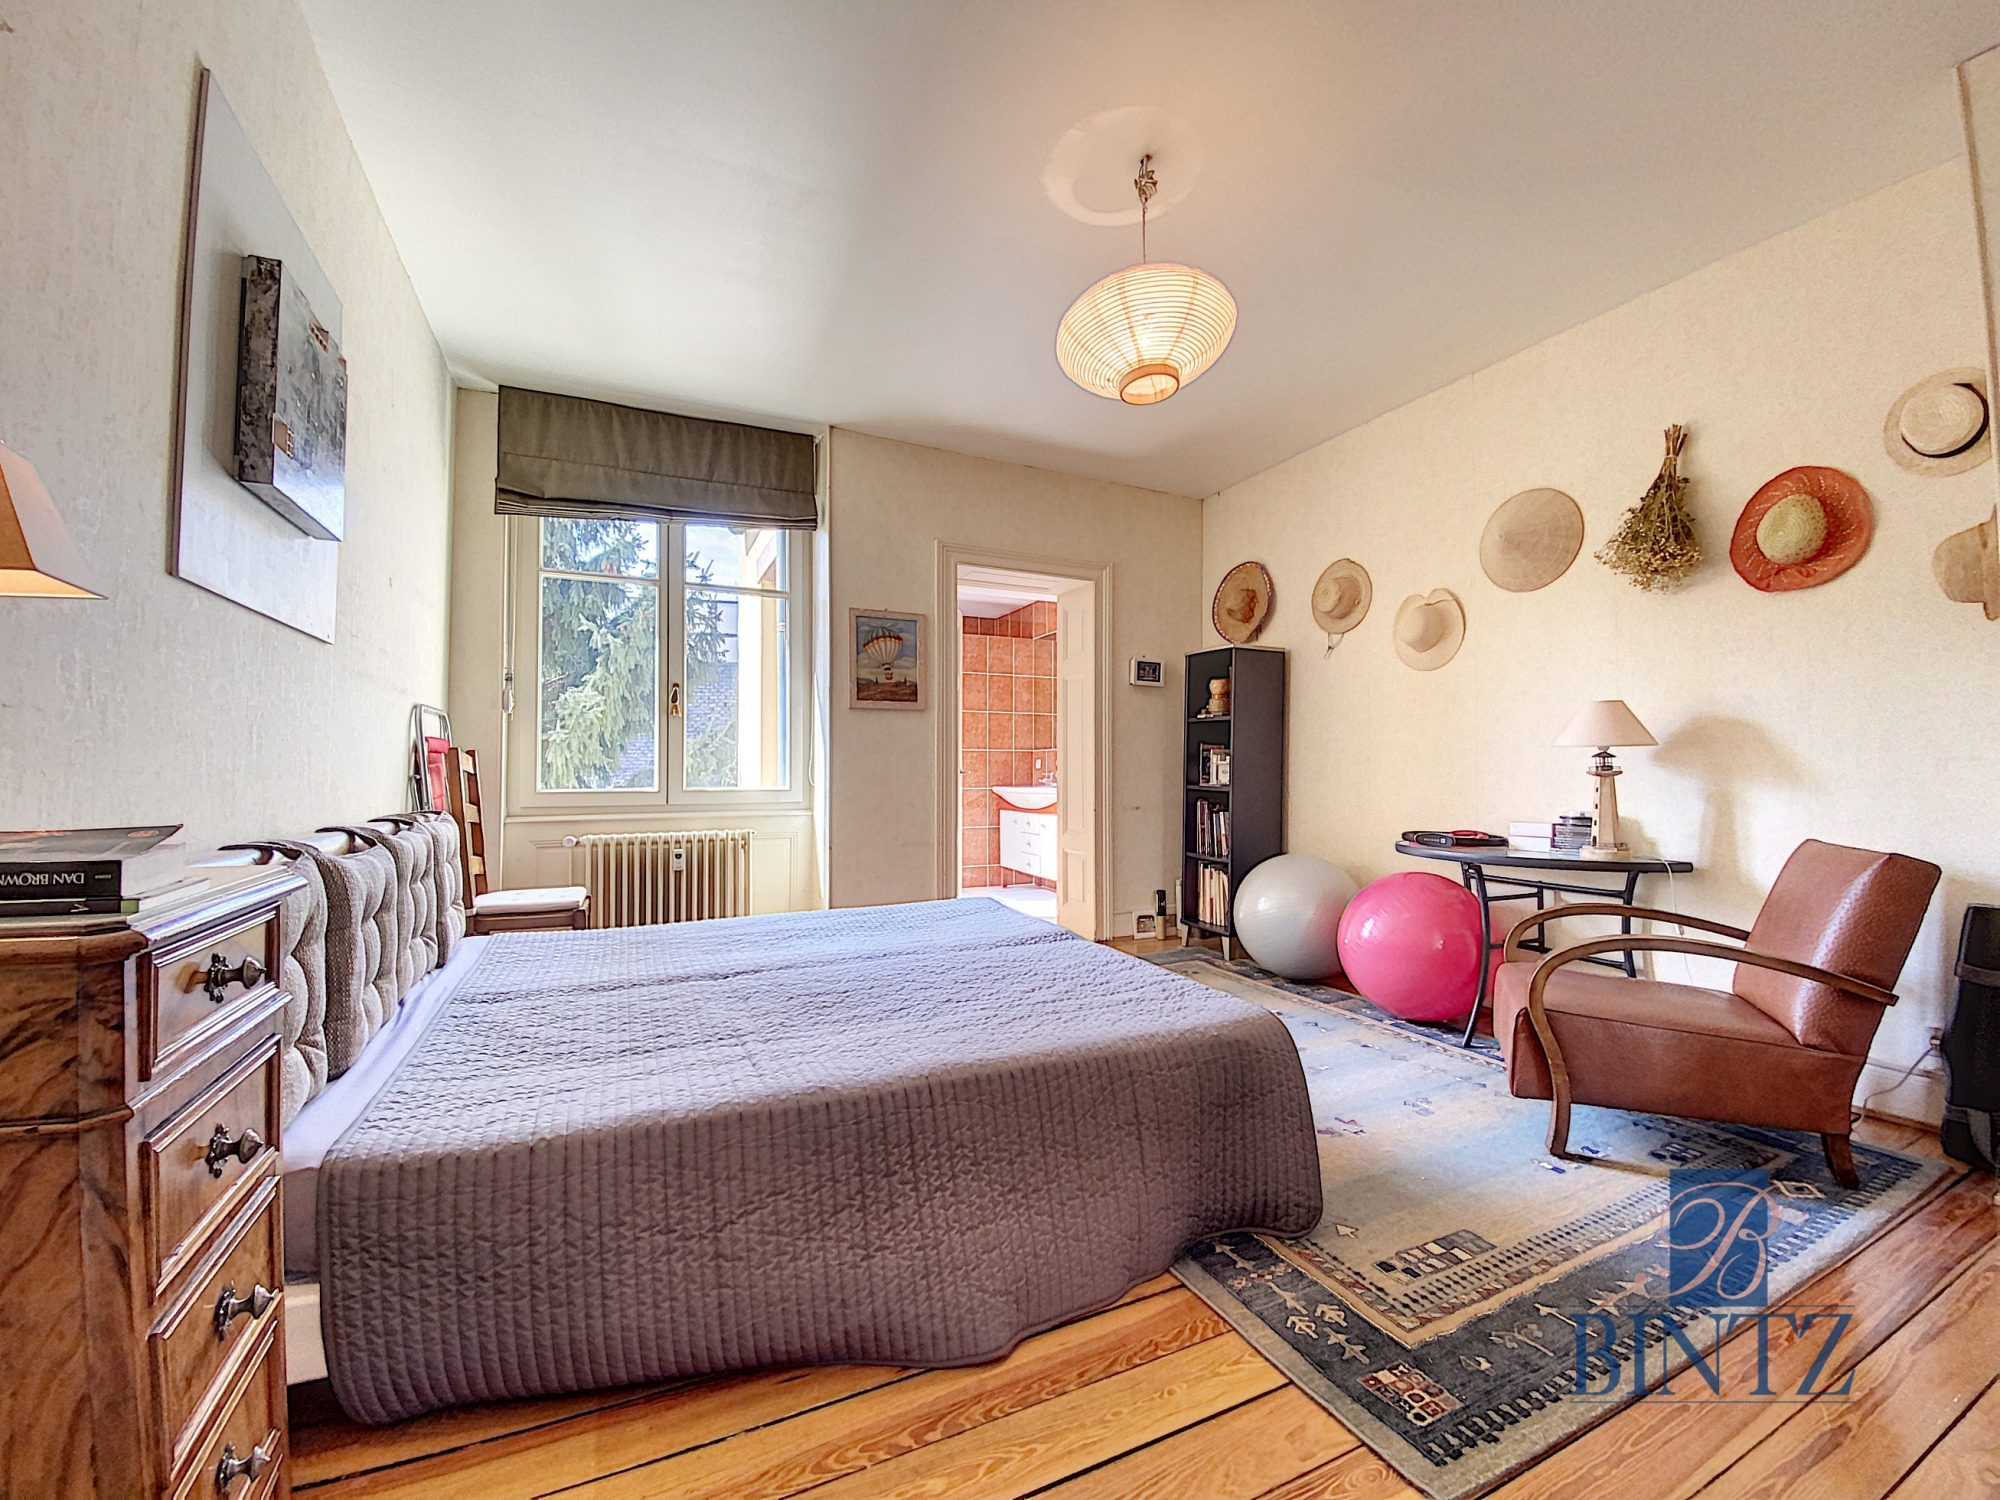 Appartement de 7 pièces – Rue Schwendi - Devenez propriétaire en toute confiance - Bintz Immobilier - 17